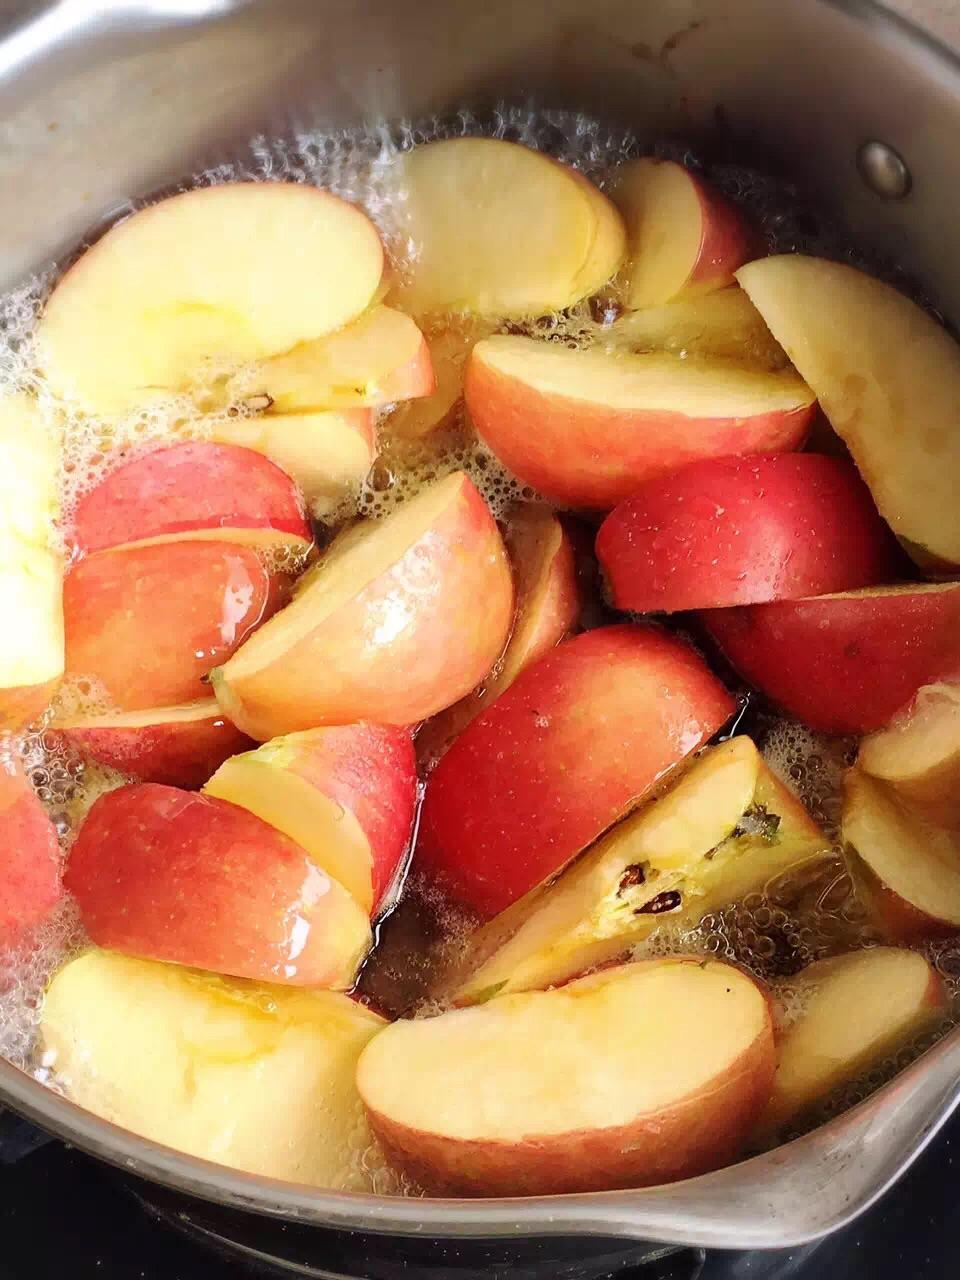 苹果1000g白糖500g水200g柠檬汁少许,大火烧开后转小火煮30分钟左右